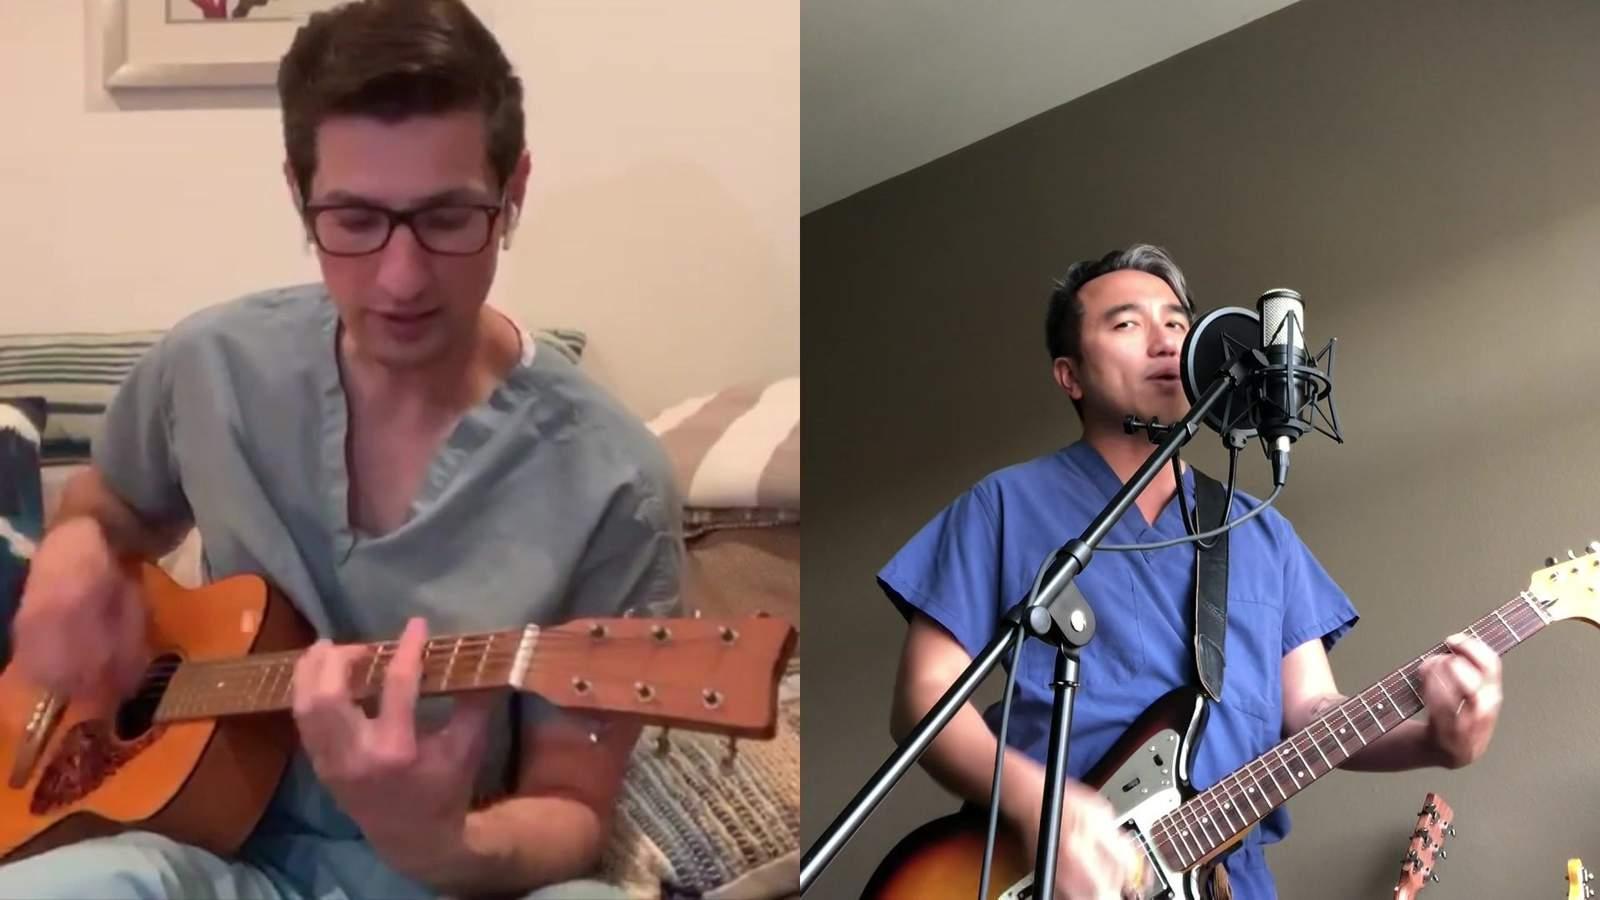 """Médico de UT Health, banda de cirujanos hacen una canción pidiendo a las personas que """"se queden en casa, ayuden al médico"""" 61"""